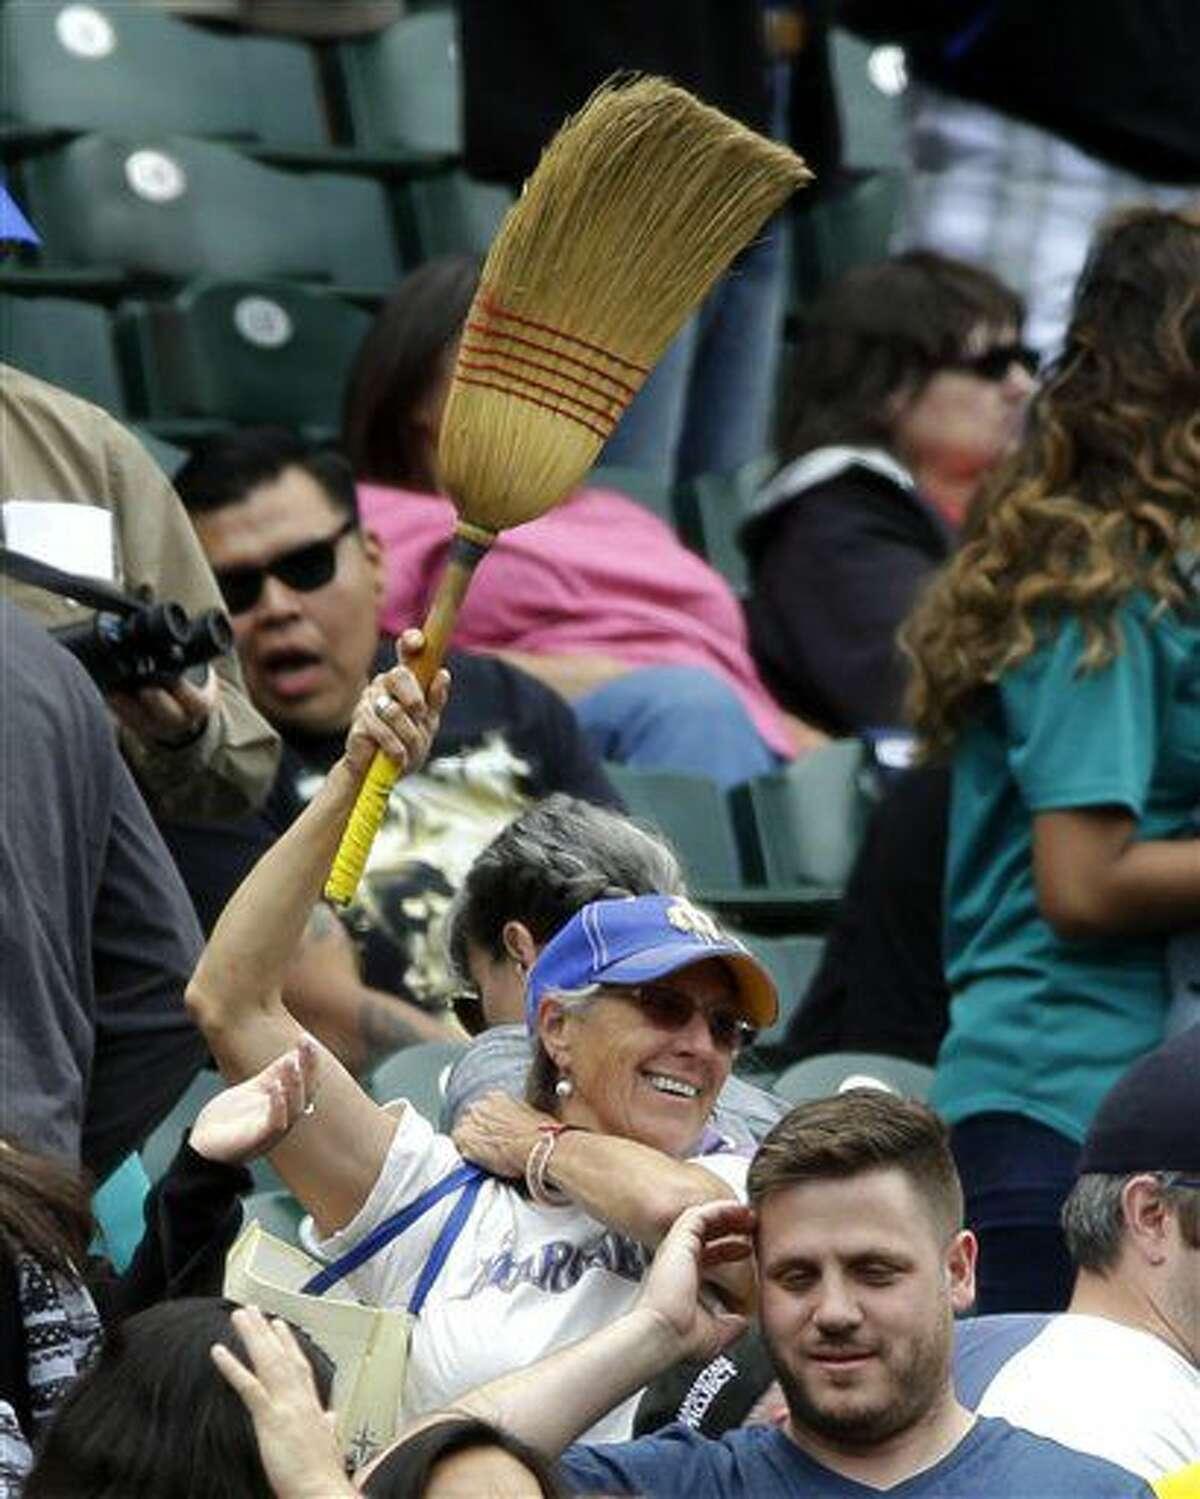 Una seguidora de los Marineros de Seattle muestra una escoba, en el duelo en que ese equipo completó una barrida sobre los Orioles de Baltimore, el domingo 3 de julio de 2016 (AP Foto/Ted S. Warren)